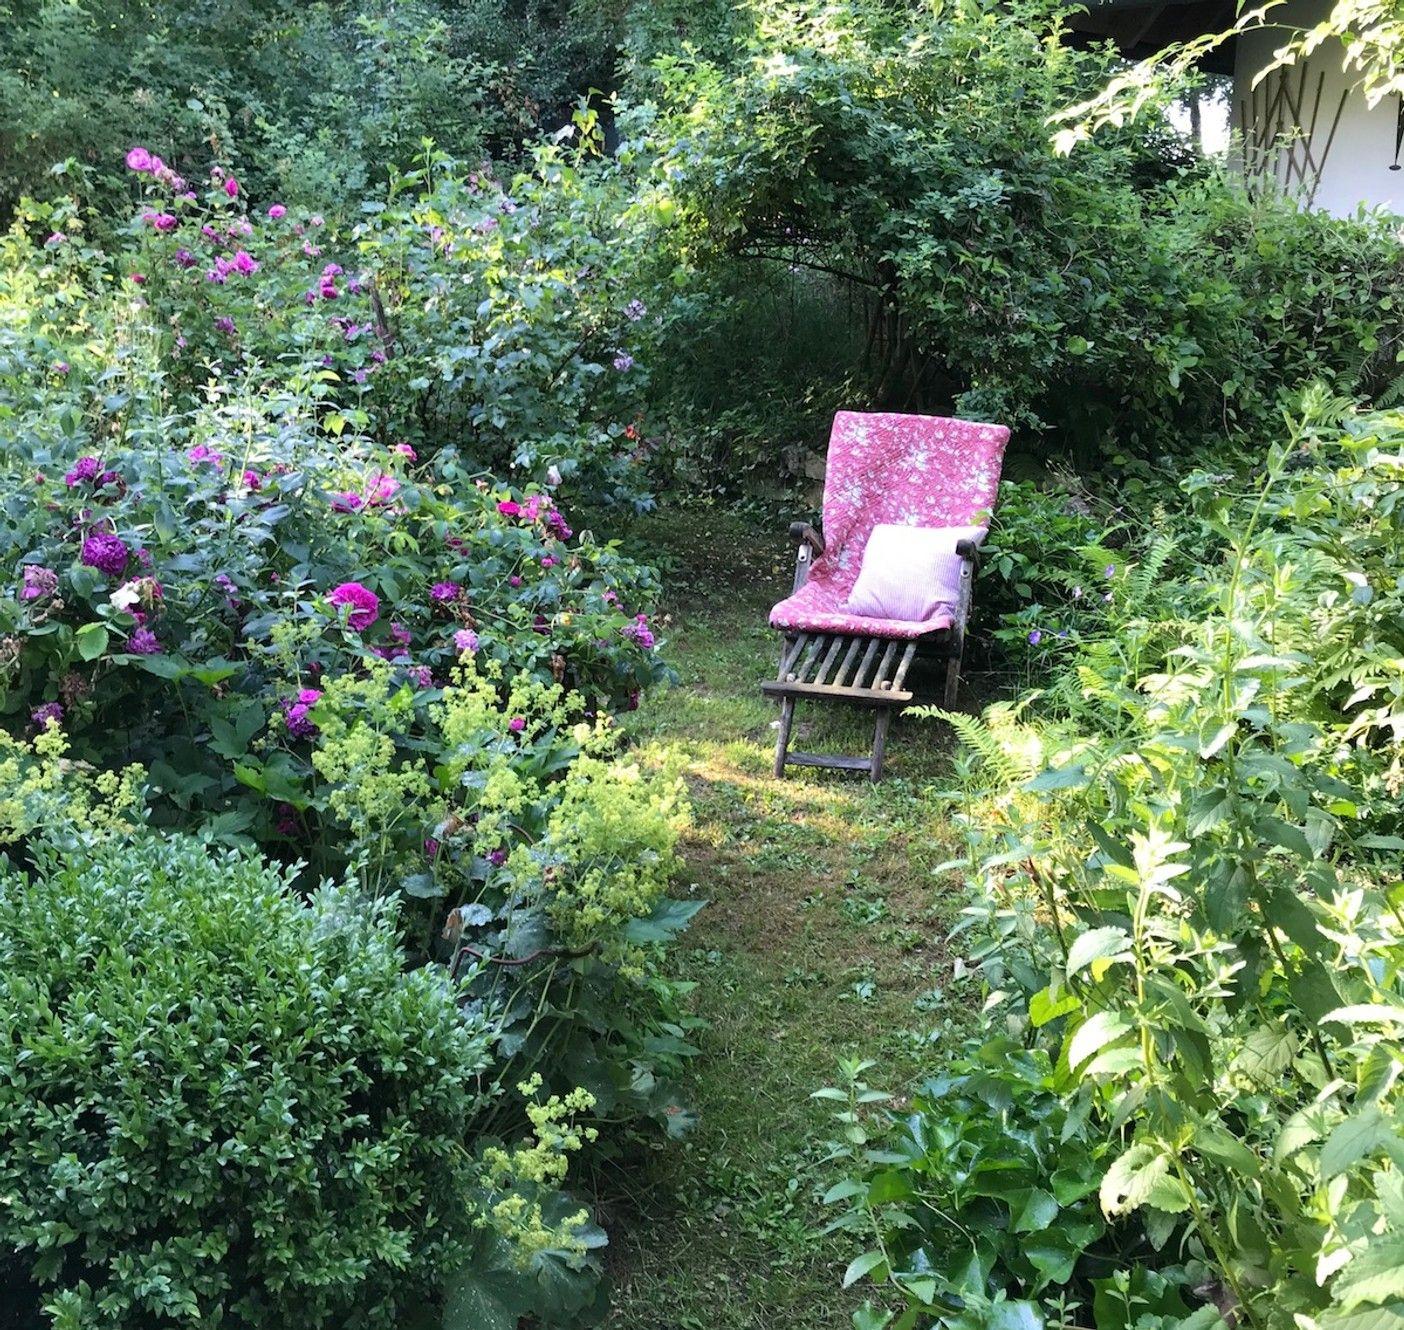 11 Tipps Fuer Einen Pflegeleichten Garten Weniger Arbeit Mehr Genuss In 2020 Pflegeleichter Garten Cottage Garten Garten